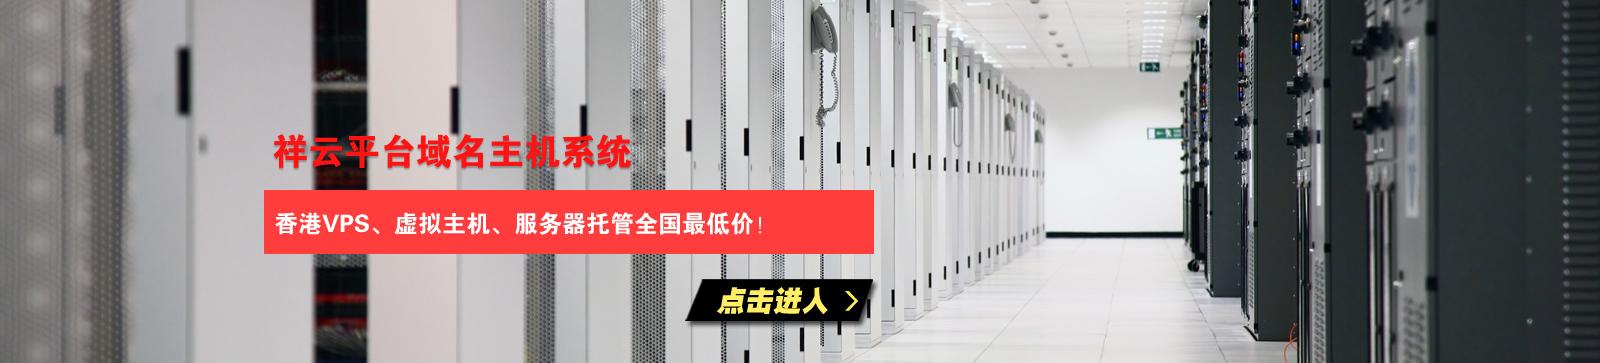 祥云平台主机域名系统